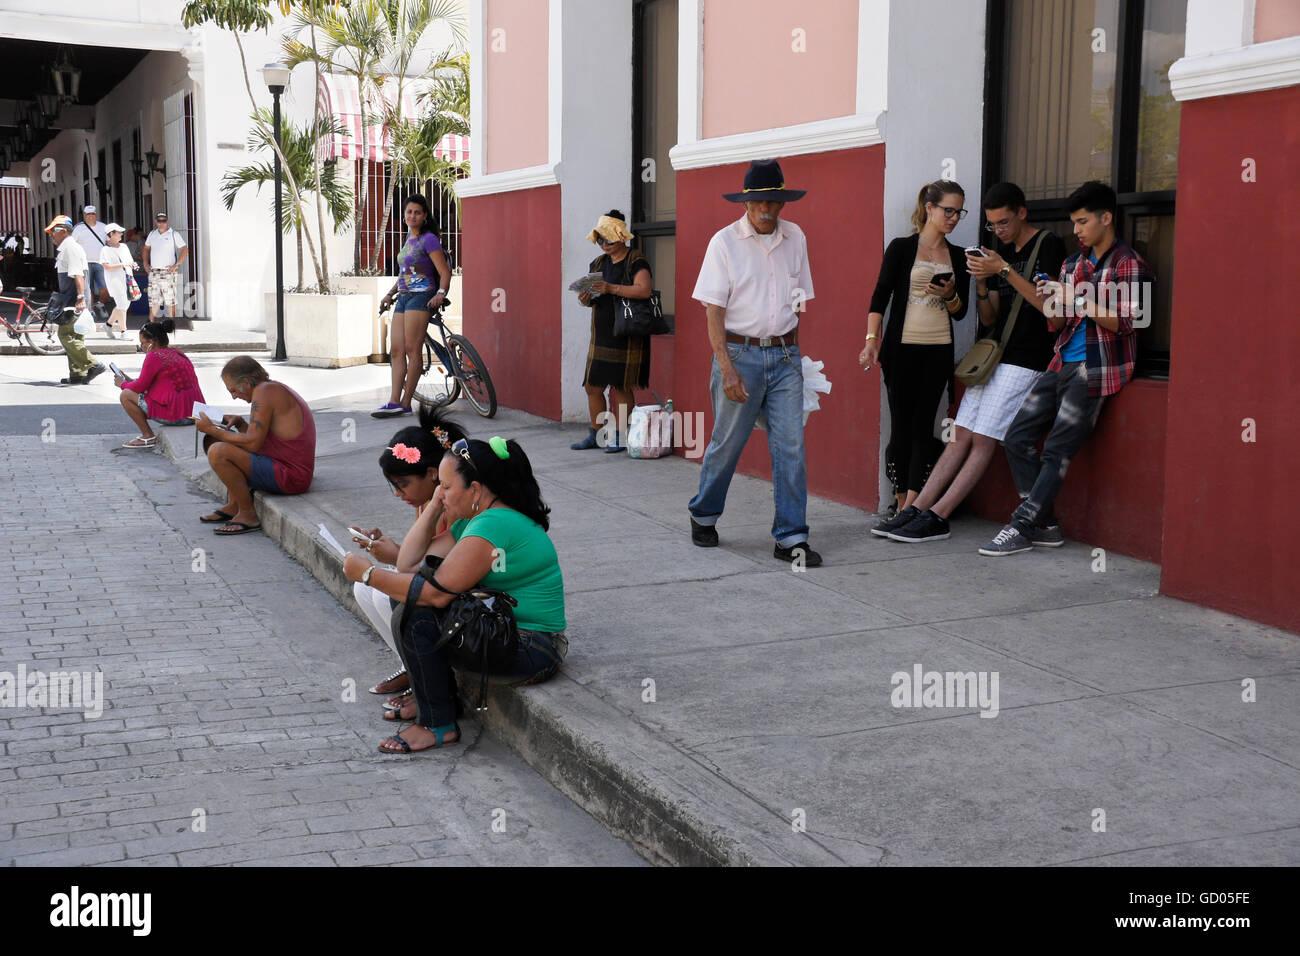 Les gens ramasser signal wi-fi sur les téléphones mobiles, rue piétonne, près de la Plaza de Photo Stock